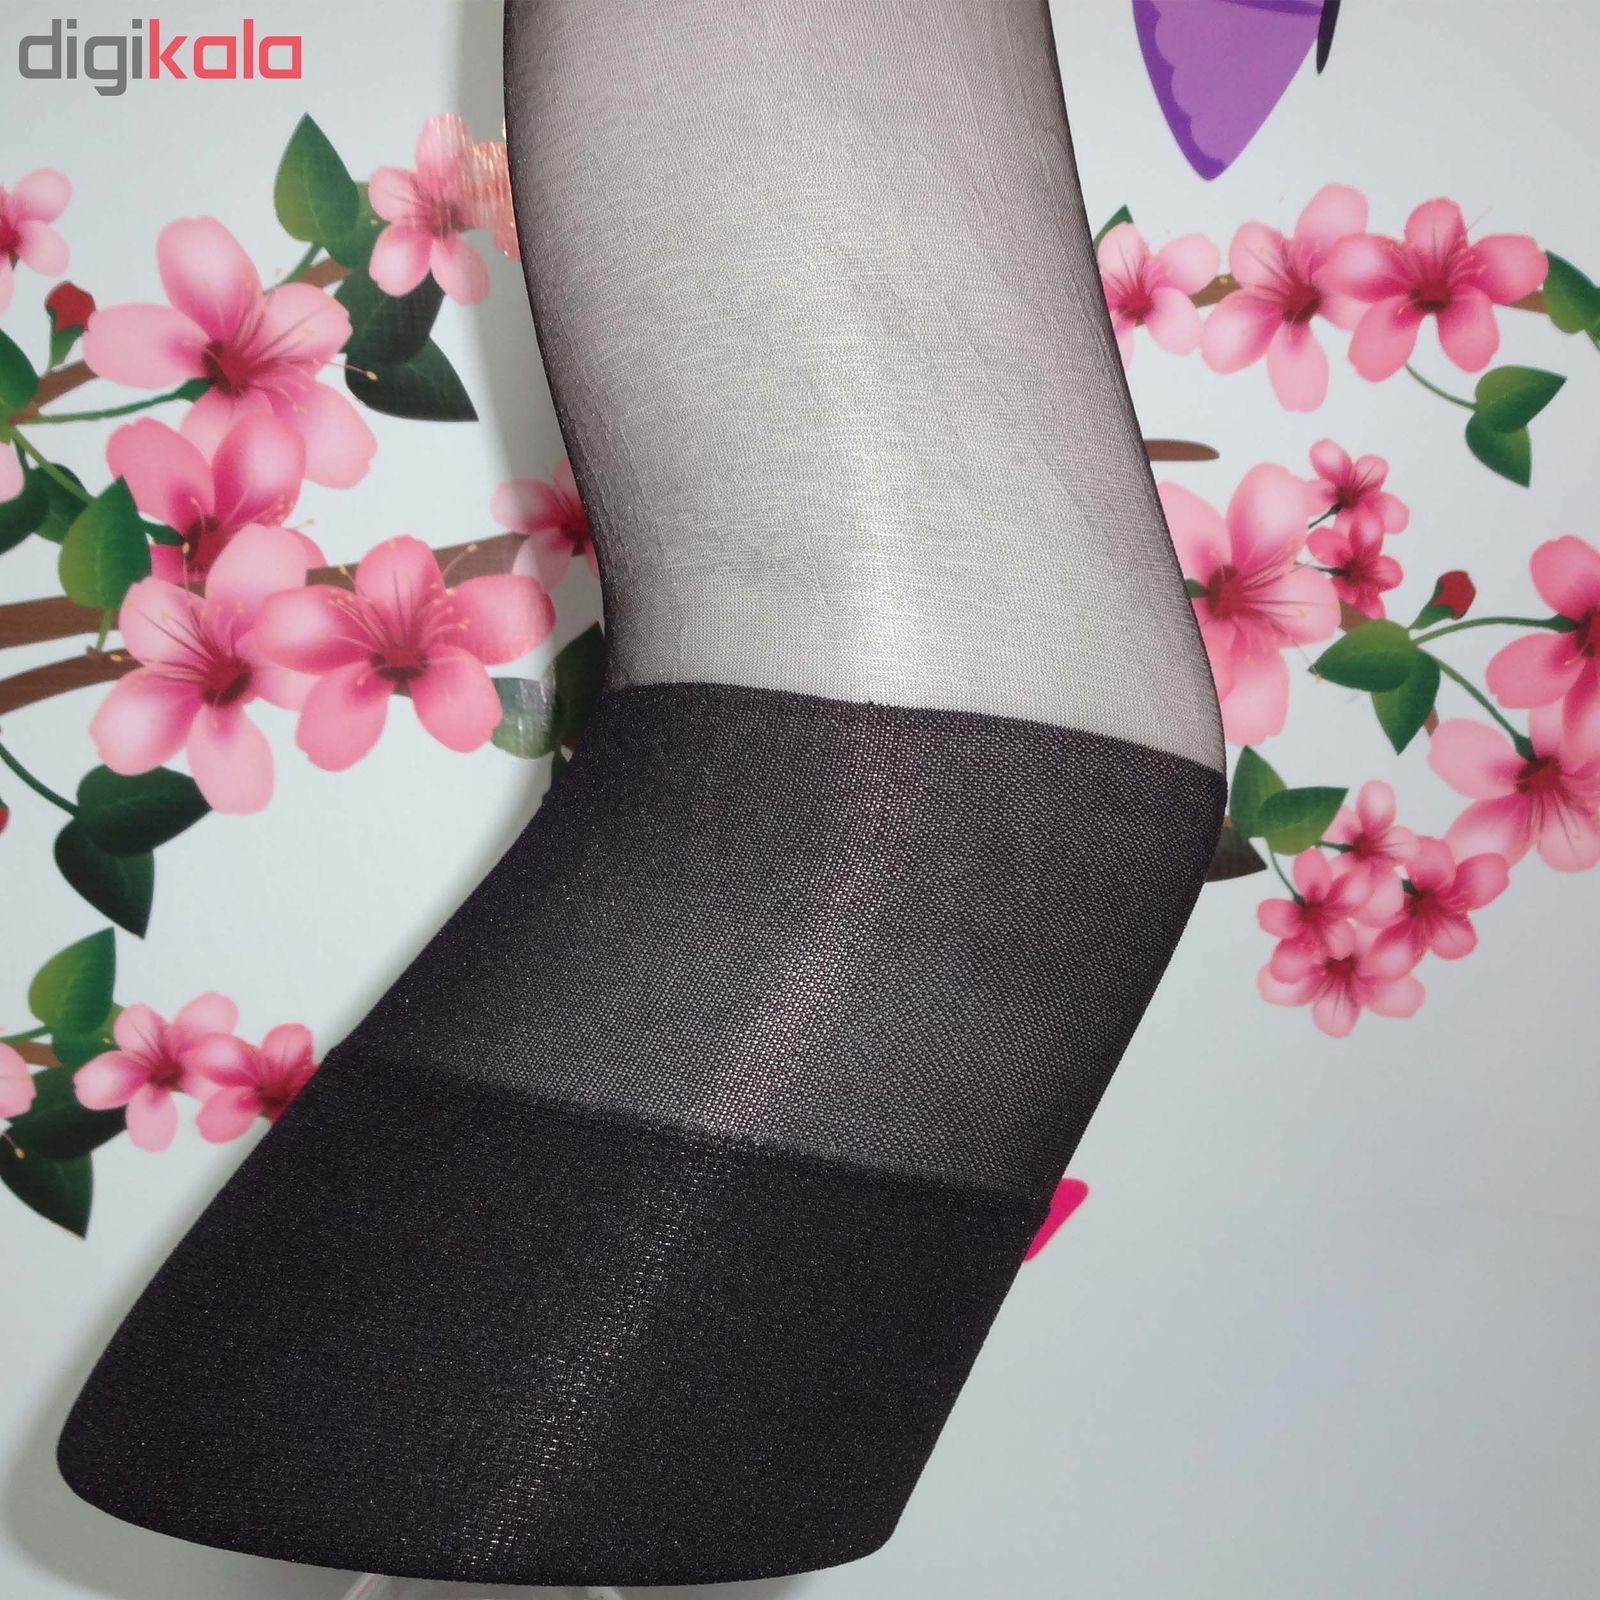 جوراب زنانه مدل 1.10 کد 5sambla -  - 5